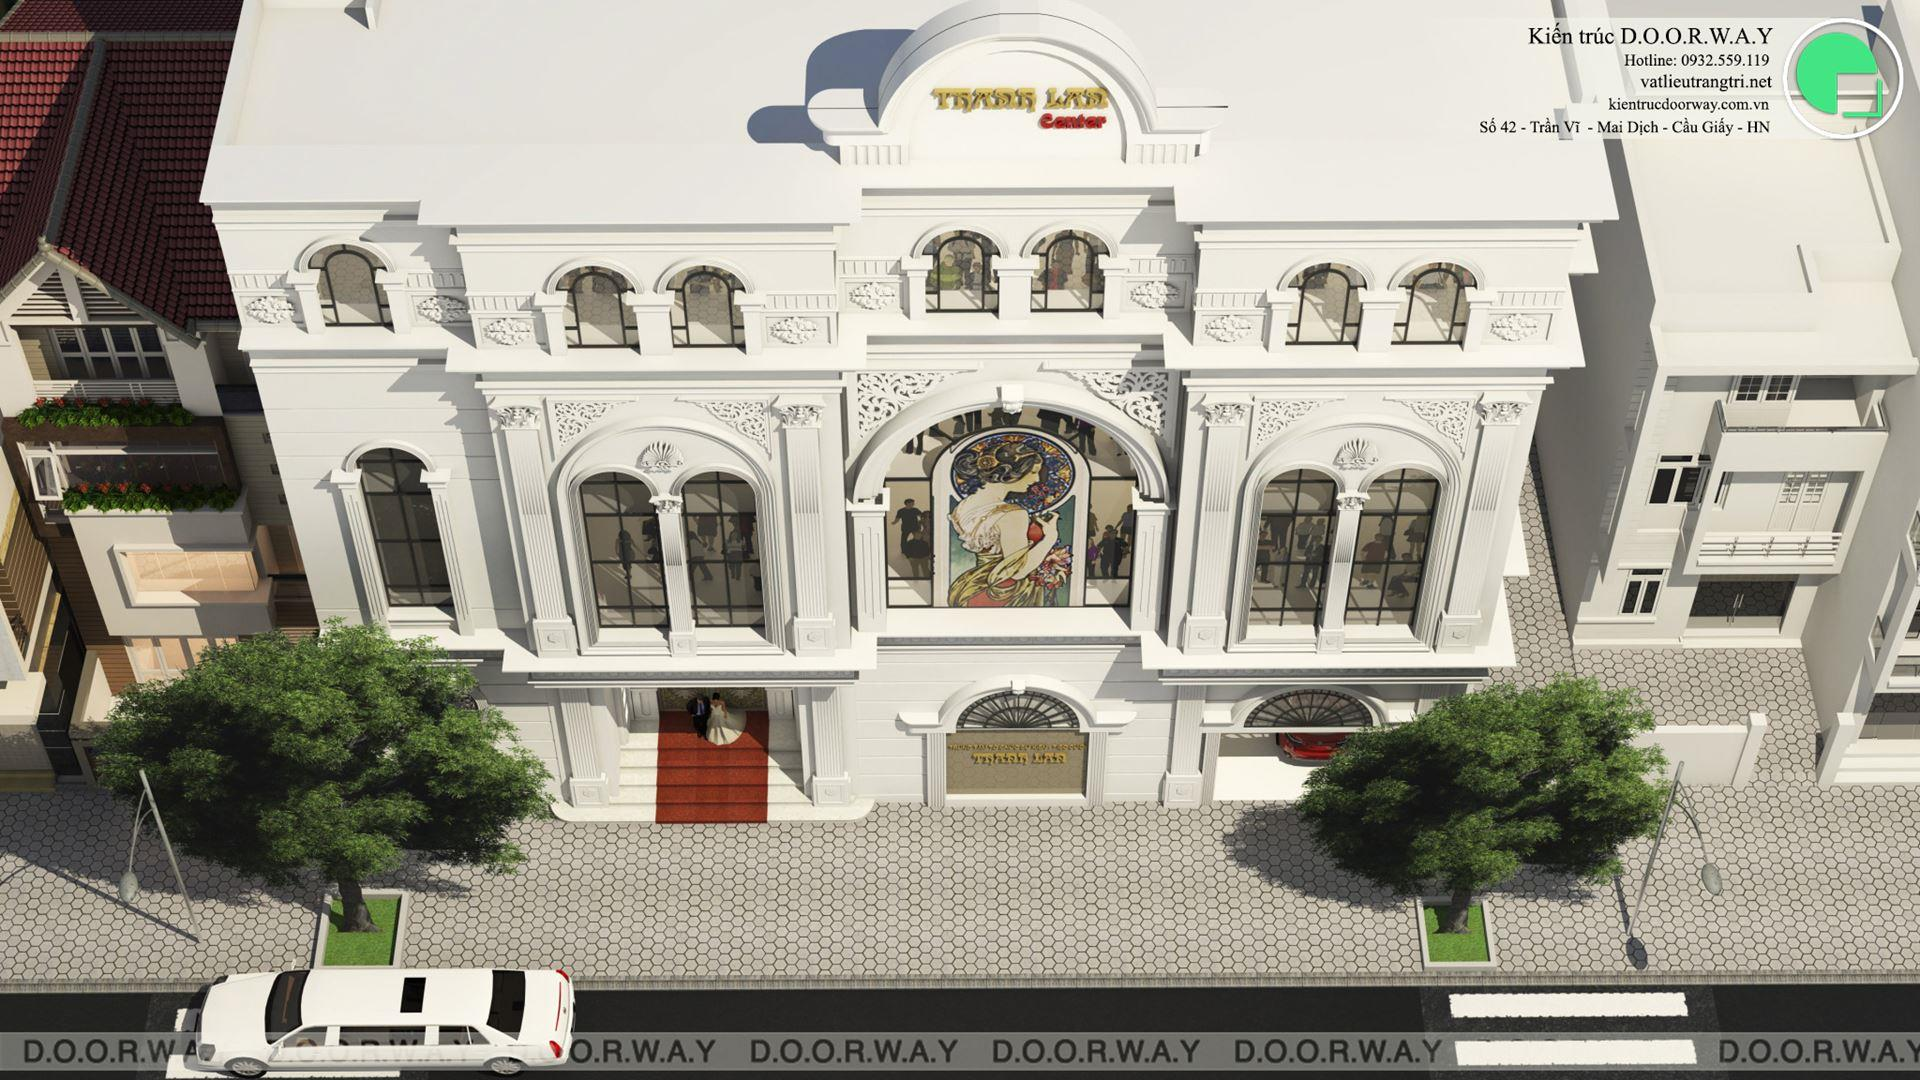 Góc nhìn từ trên xuống - Thiết kế nhà hàng tiệc cưới Thanh Lan tại Hải Dương do kiến trúc Doorway thiết kế